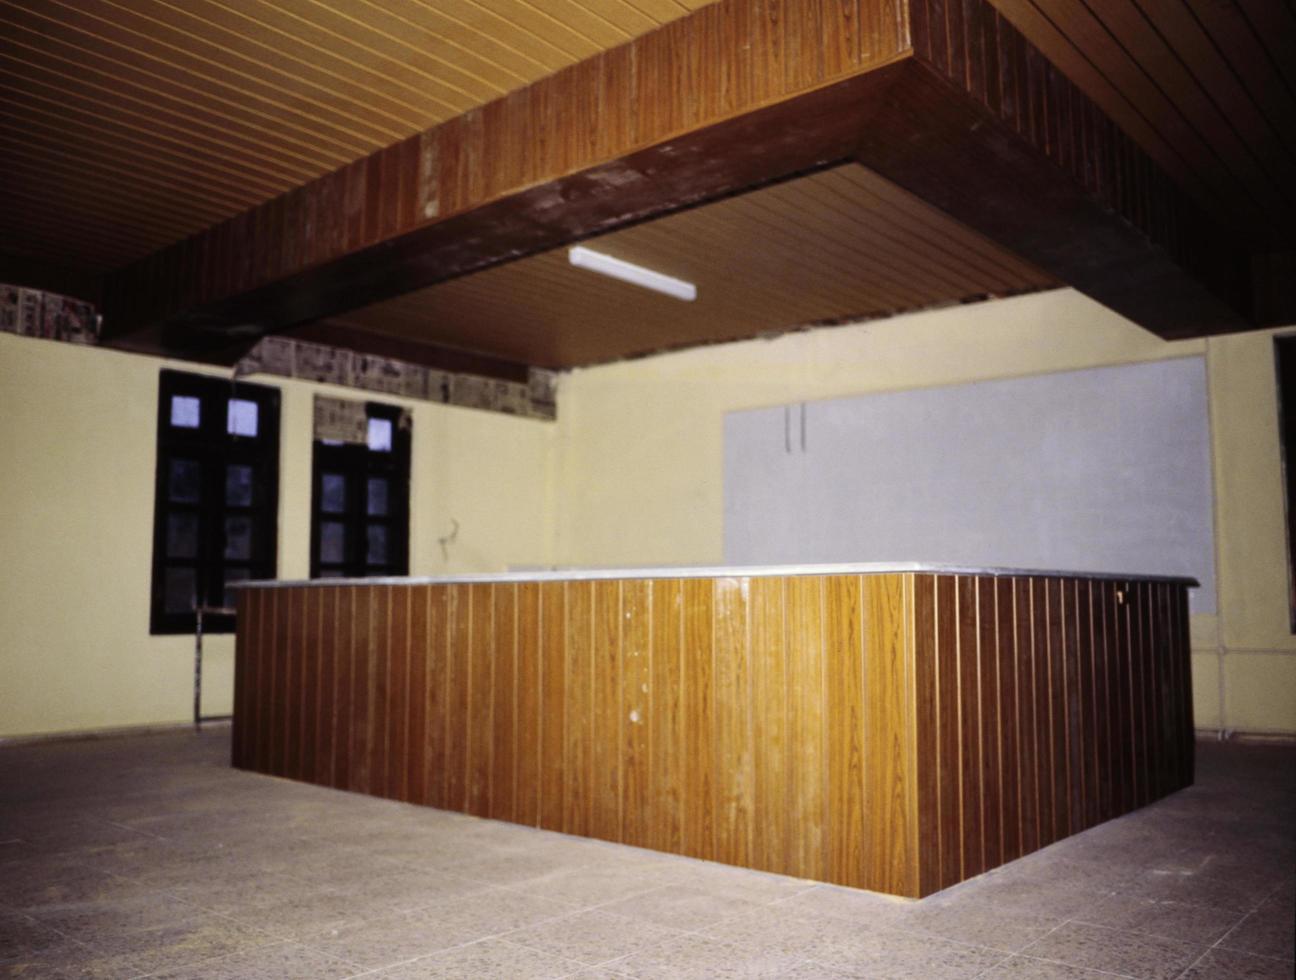 decoración de oficina realizada con material laminado similar a la madera. foto